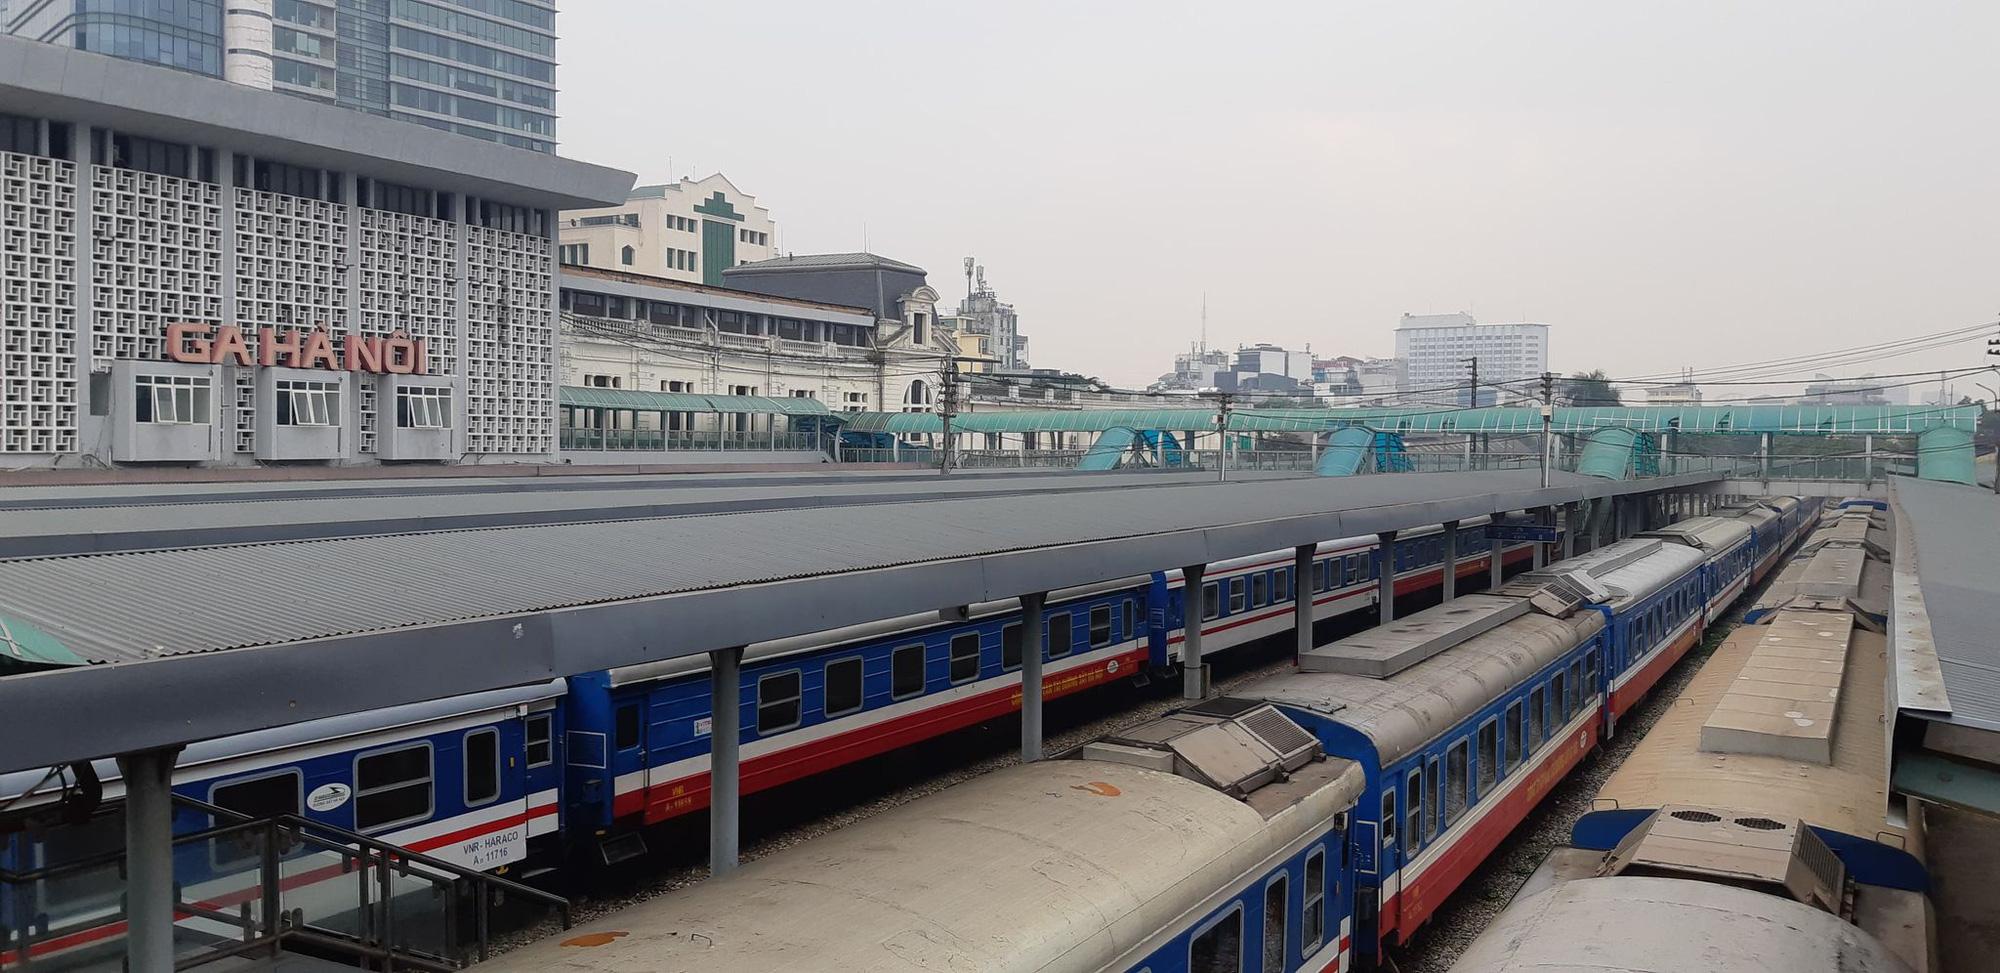 Đường sắt Việt Nam có chuyến tàu đầu tiên tới Bỉ - Ảnh 1.